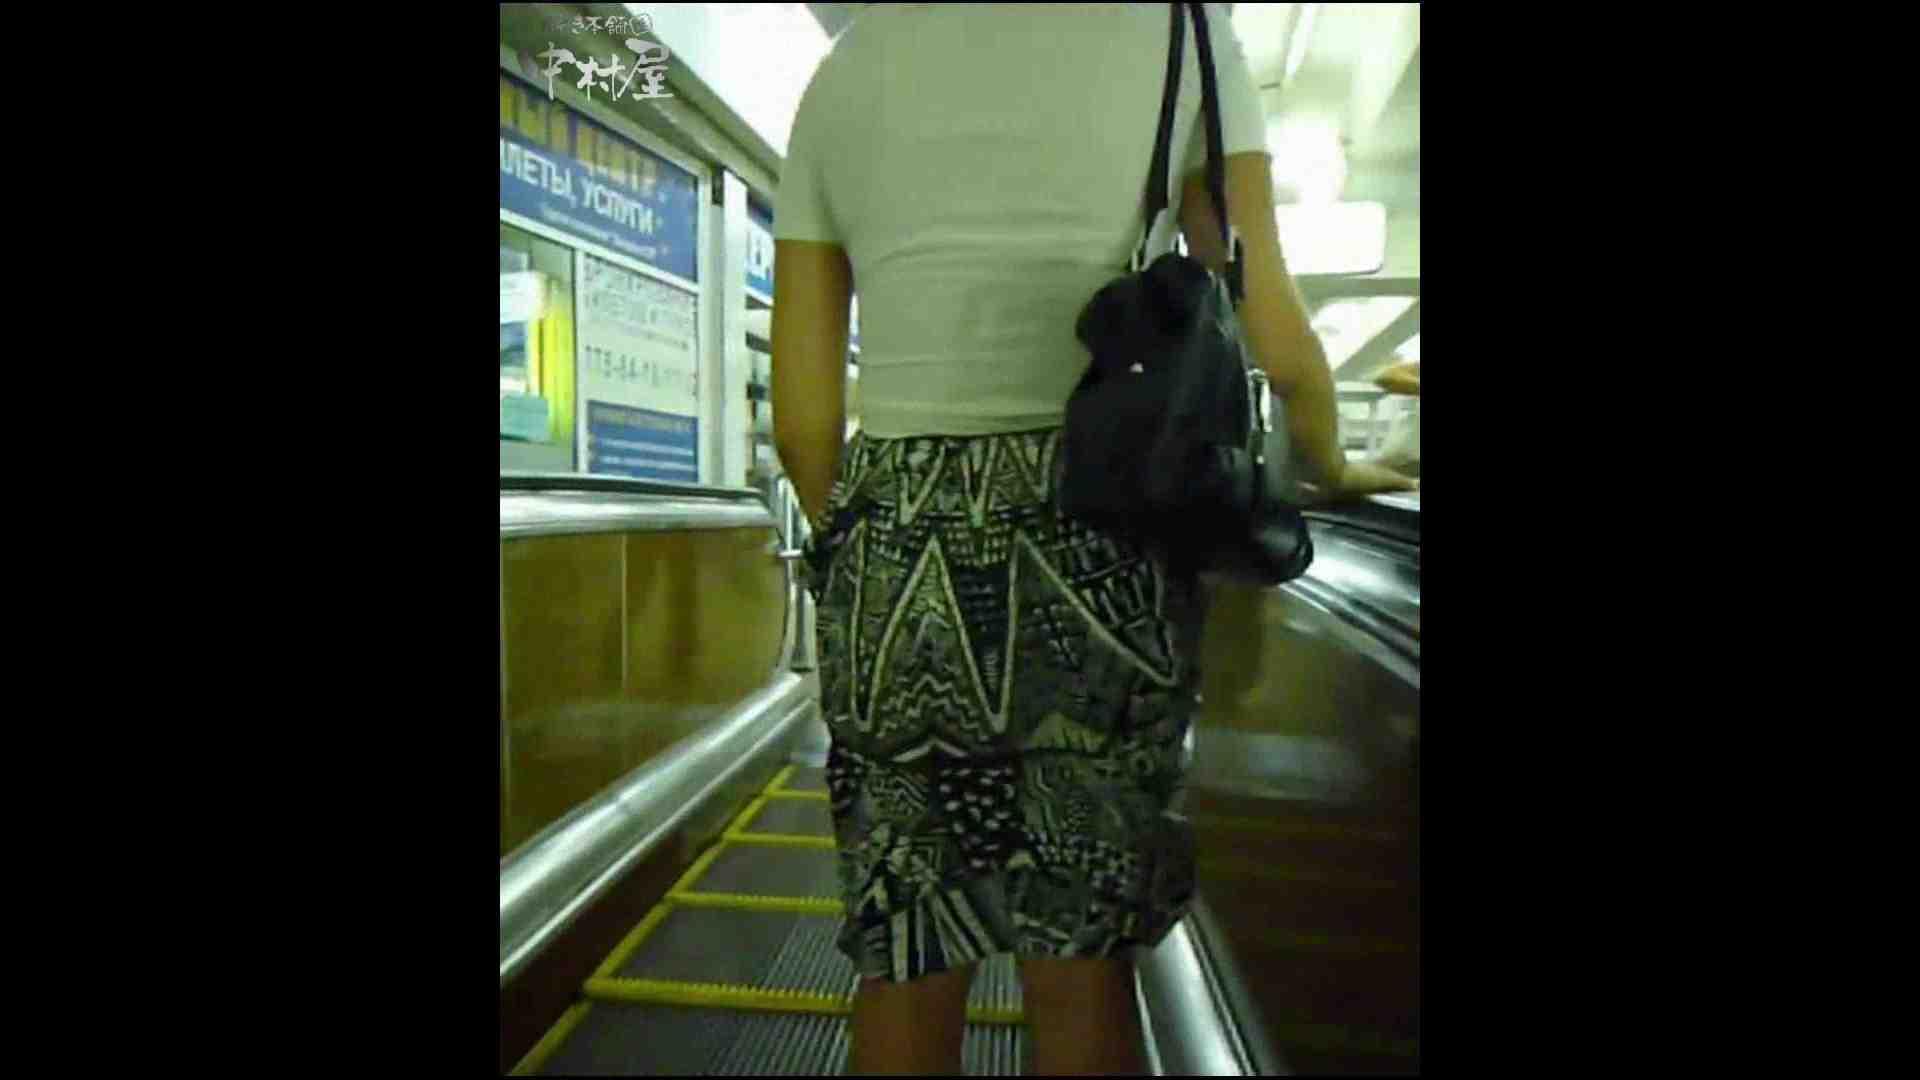 綺麗なモデルさんのスカート捲っちゃおう‼ vol26 OLのエロ生活 | モデルのエロ生活  29連発 10